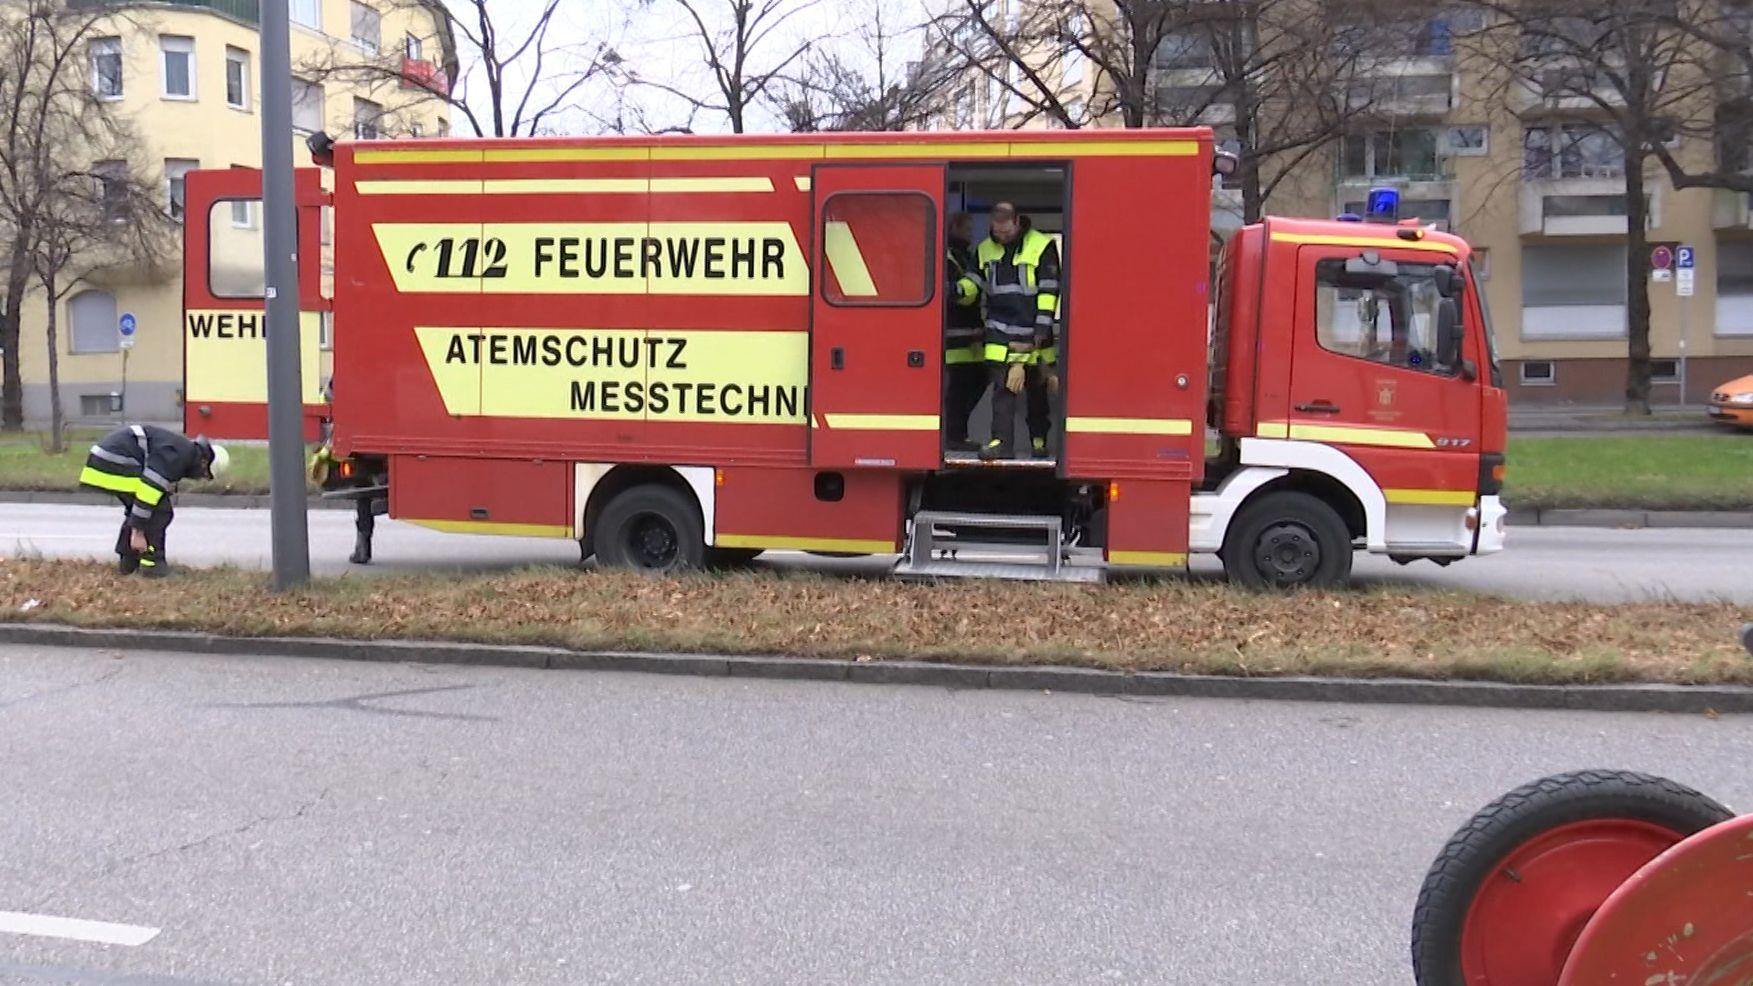 Feuerwehreinsatz am Mittleren Ring